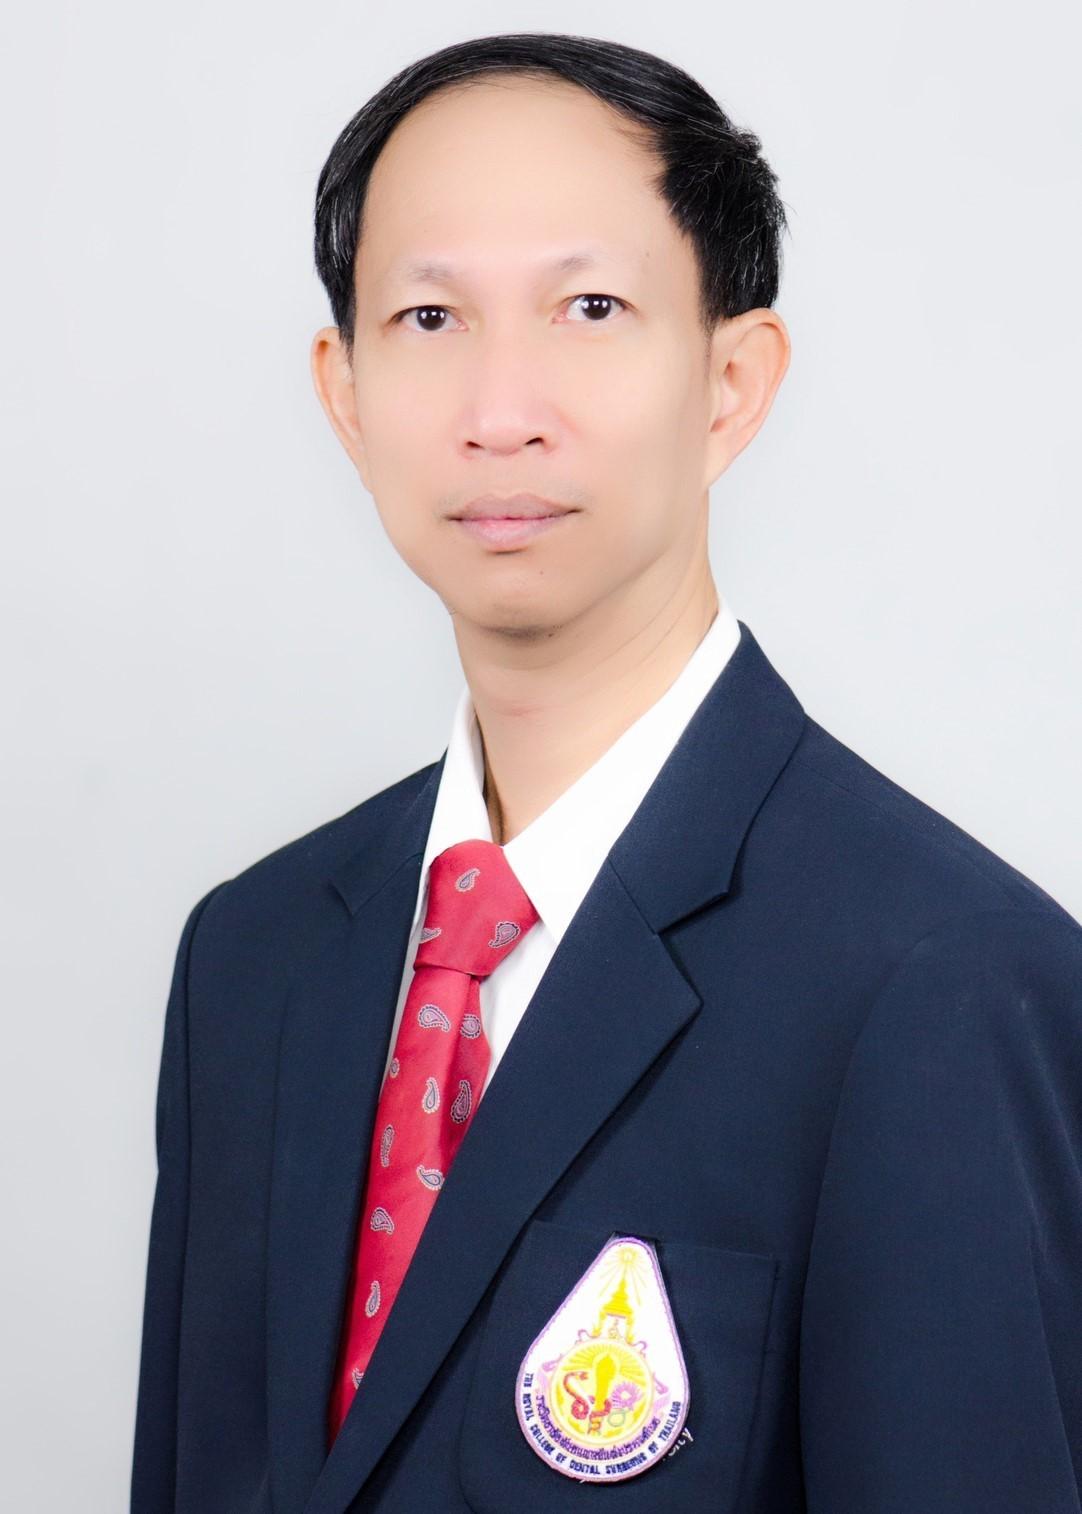 รองศาสตราจารย์ ทันตแพทย์กิตติพงษ์  ดนุไทย